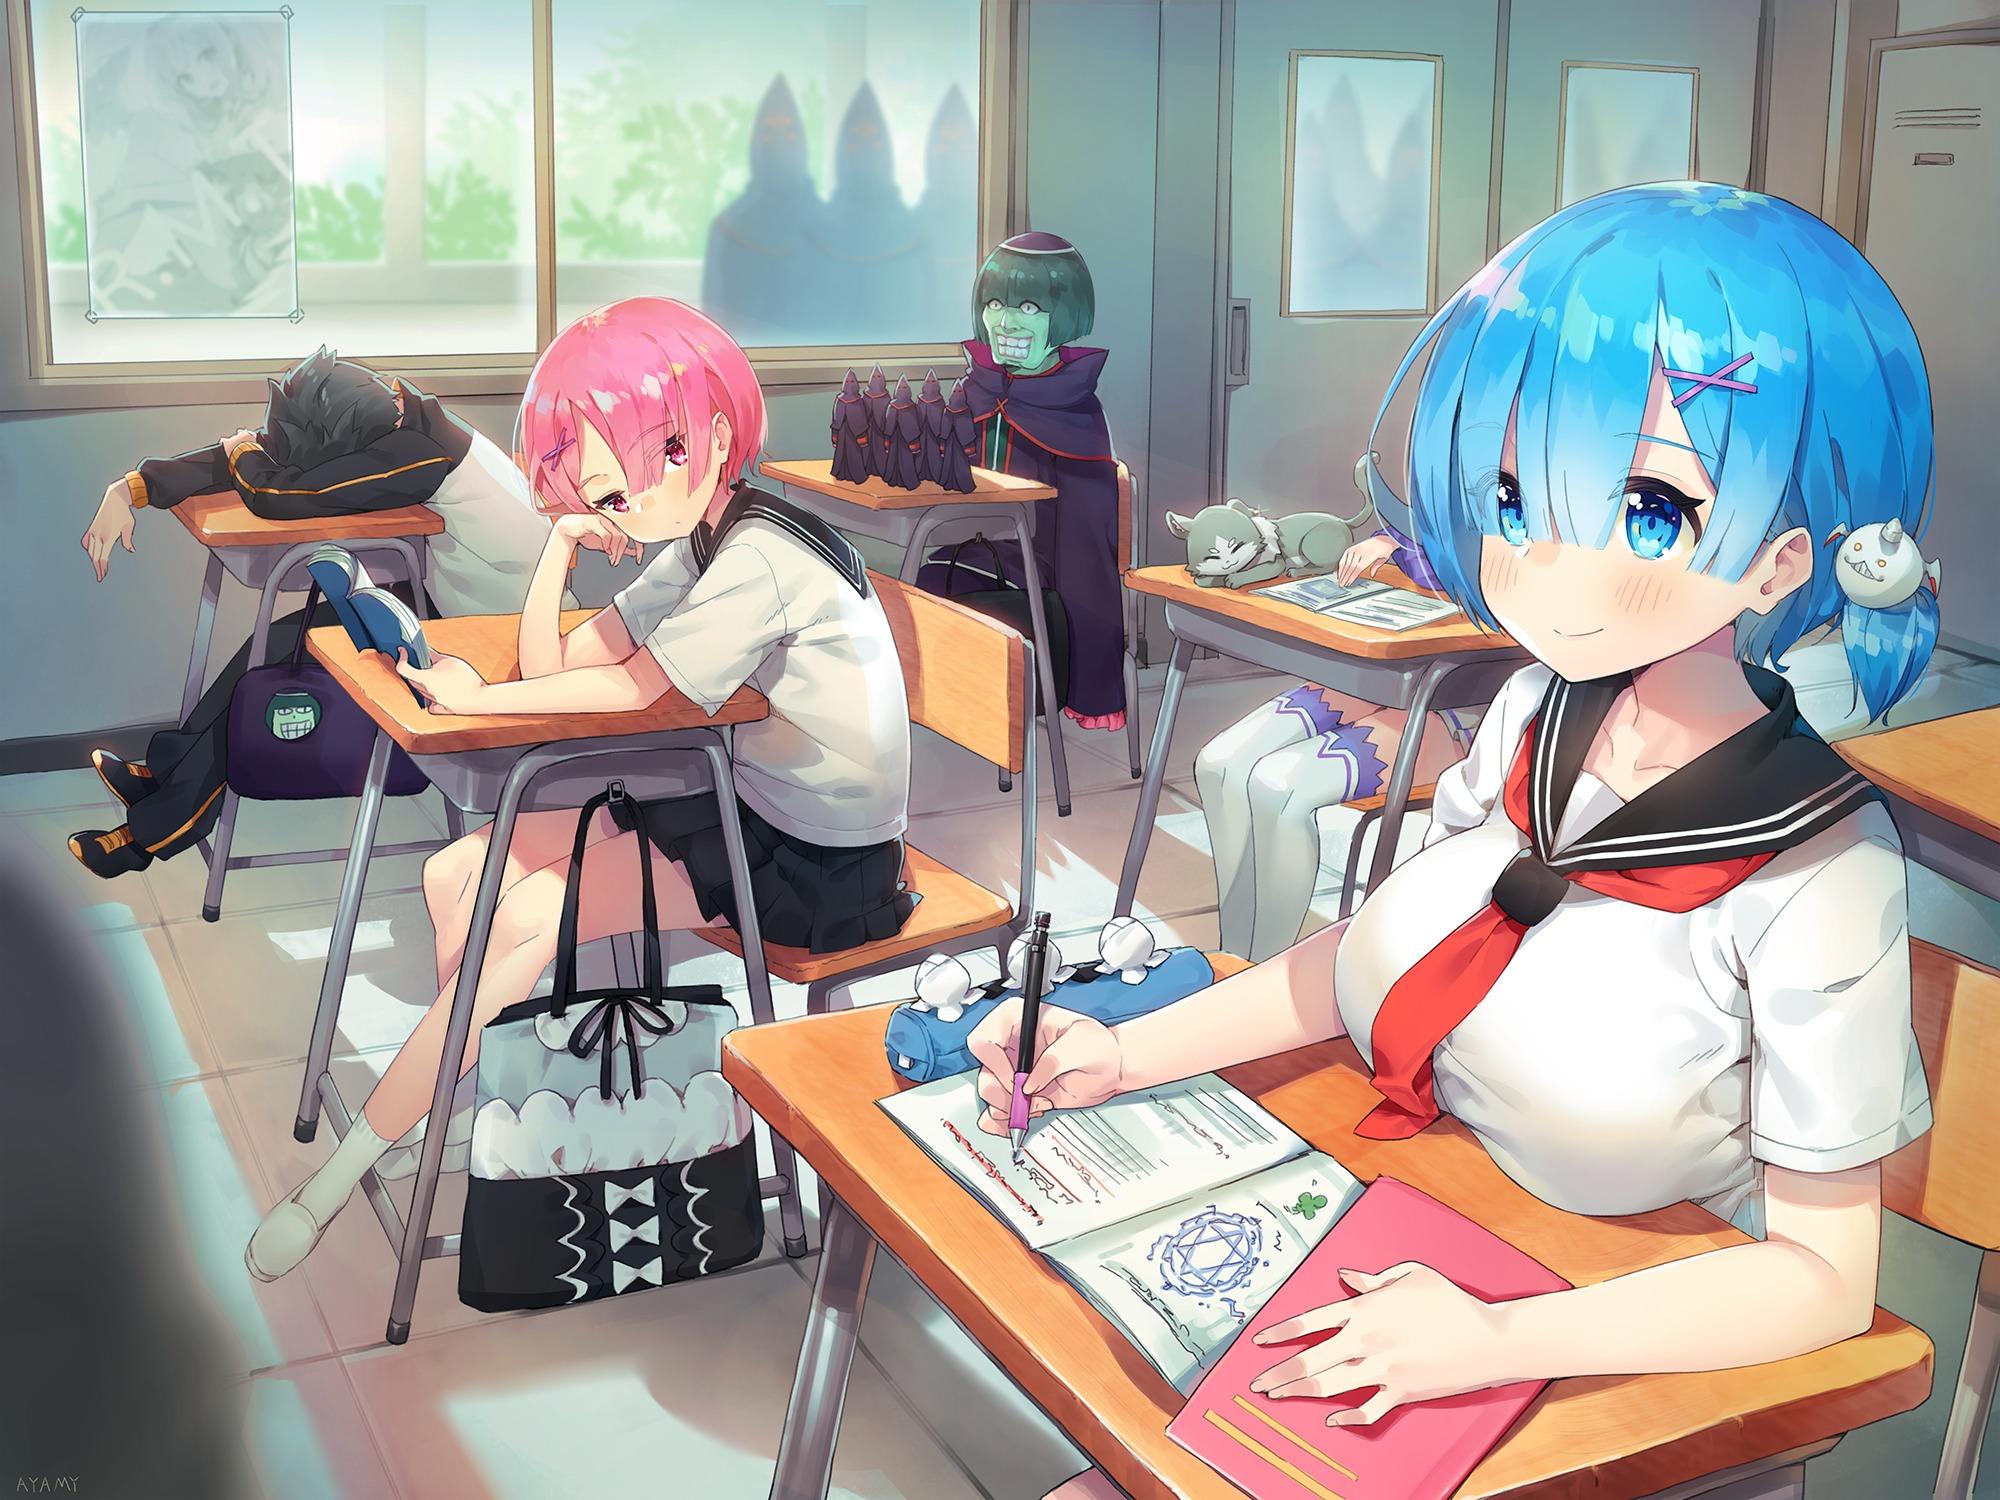 动漫壁纸,桌面,桌面壁纸,图片